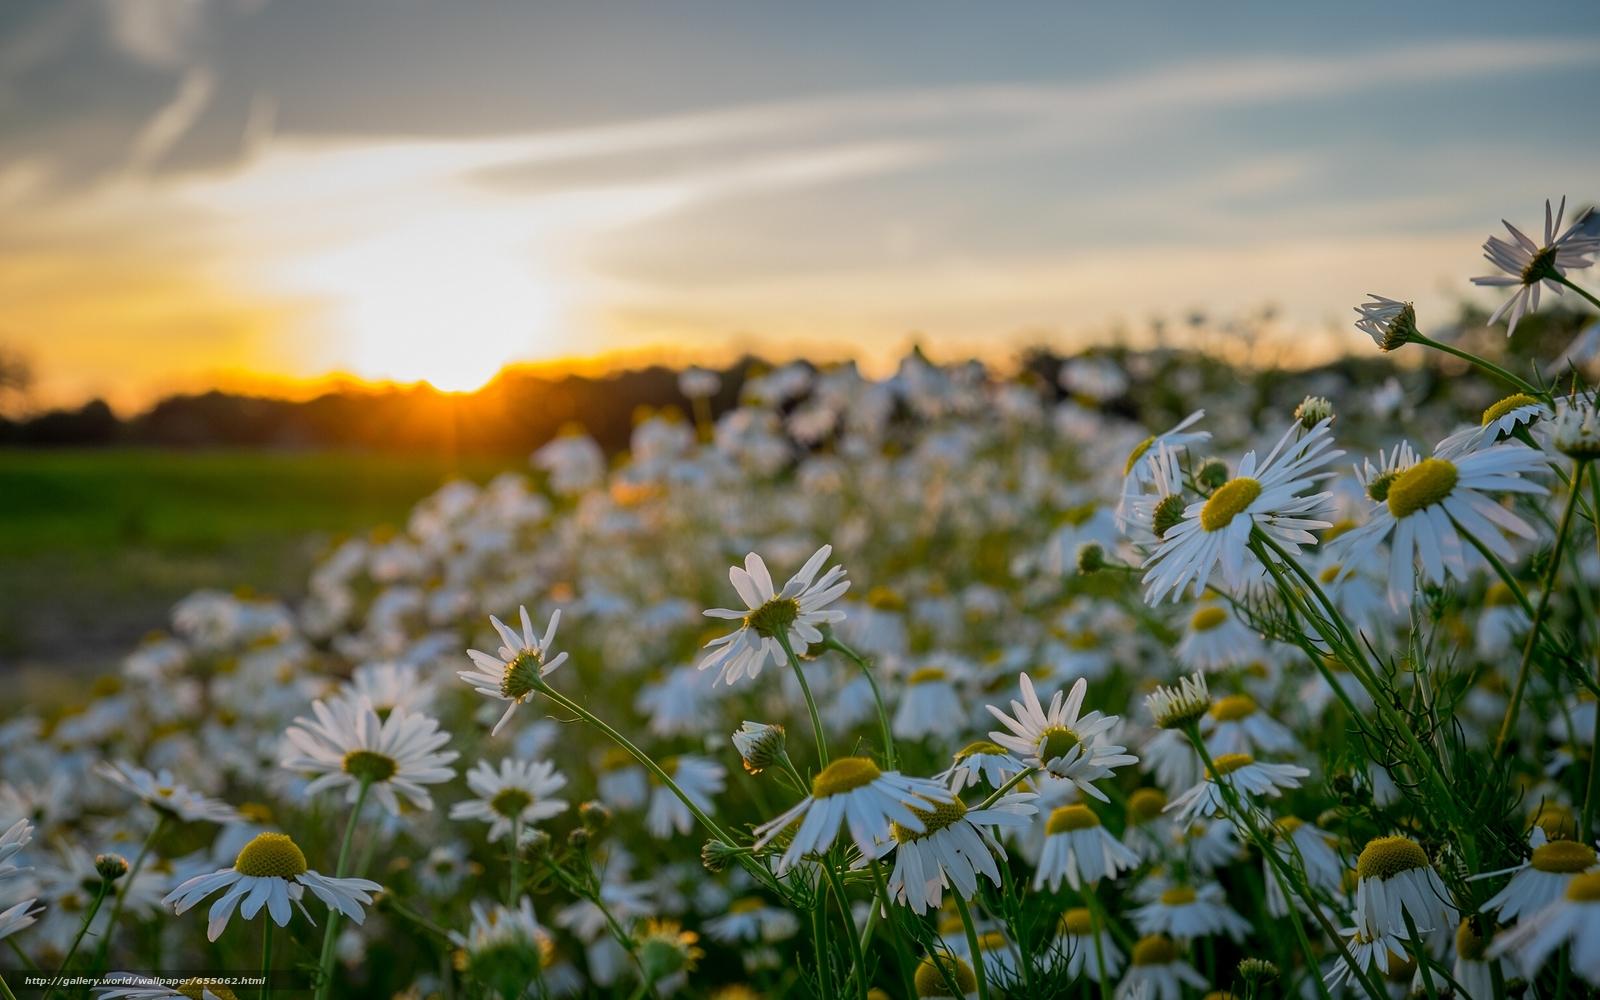 Скачать обои закат,  ромашки,  цветы бесплатно для рабочего стола в разрешении 2440x1525 — картинка №655062